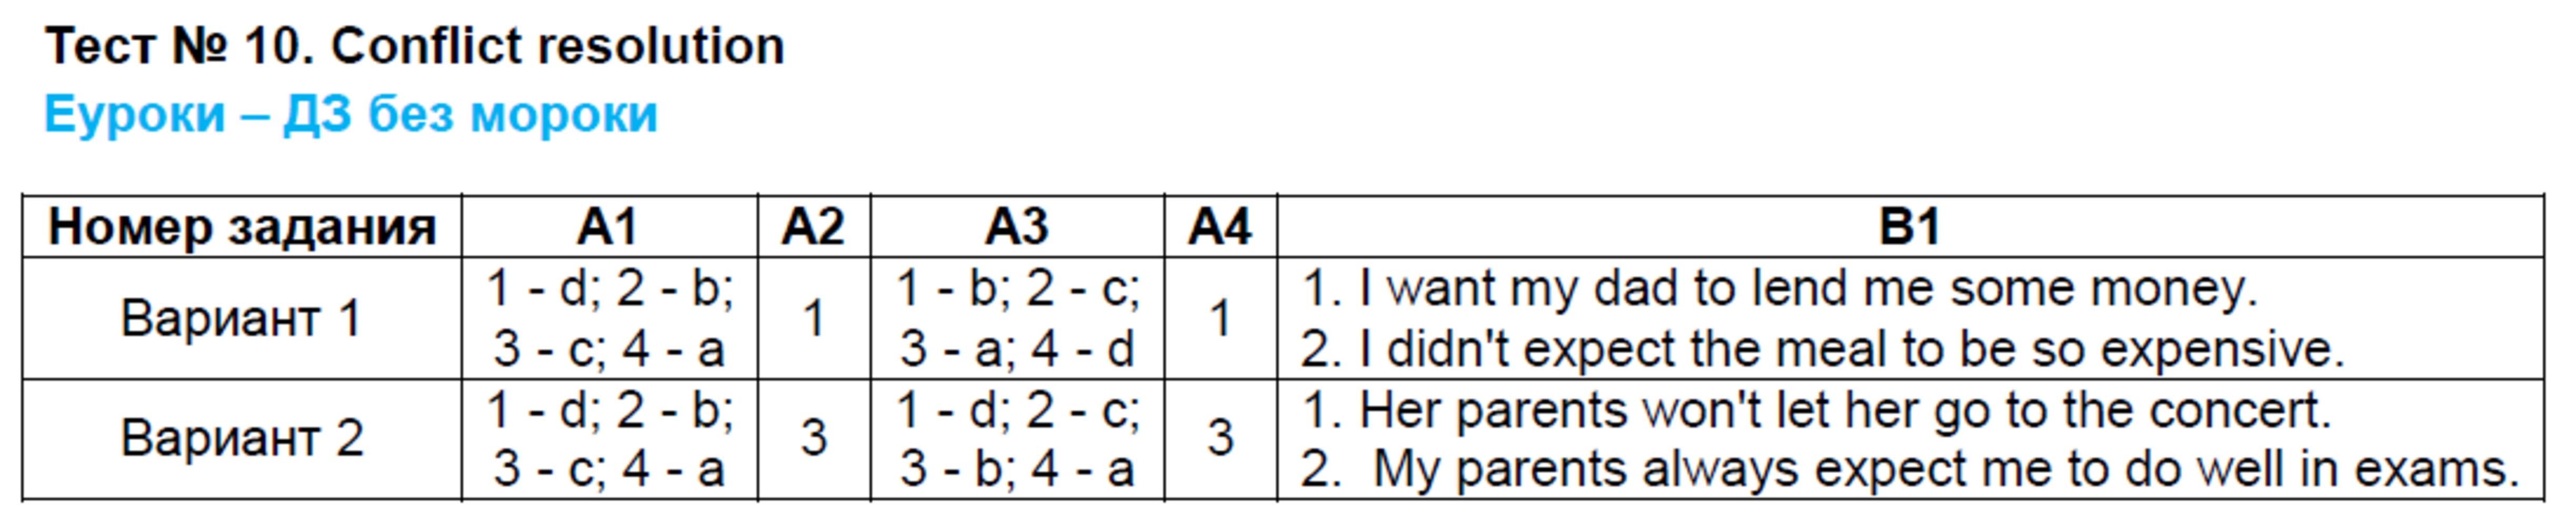 ГДЗ по английскому языку 9 класс контрольно-измерительные материалы Сахаров. Задание: Тест 10. conflict resolution